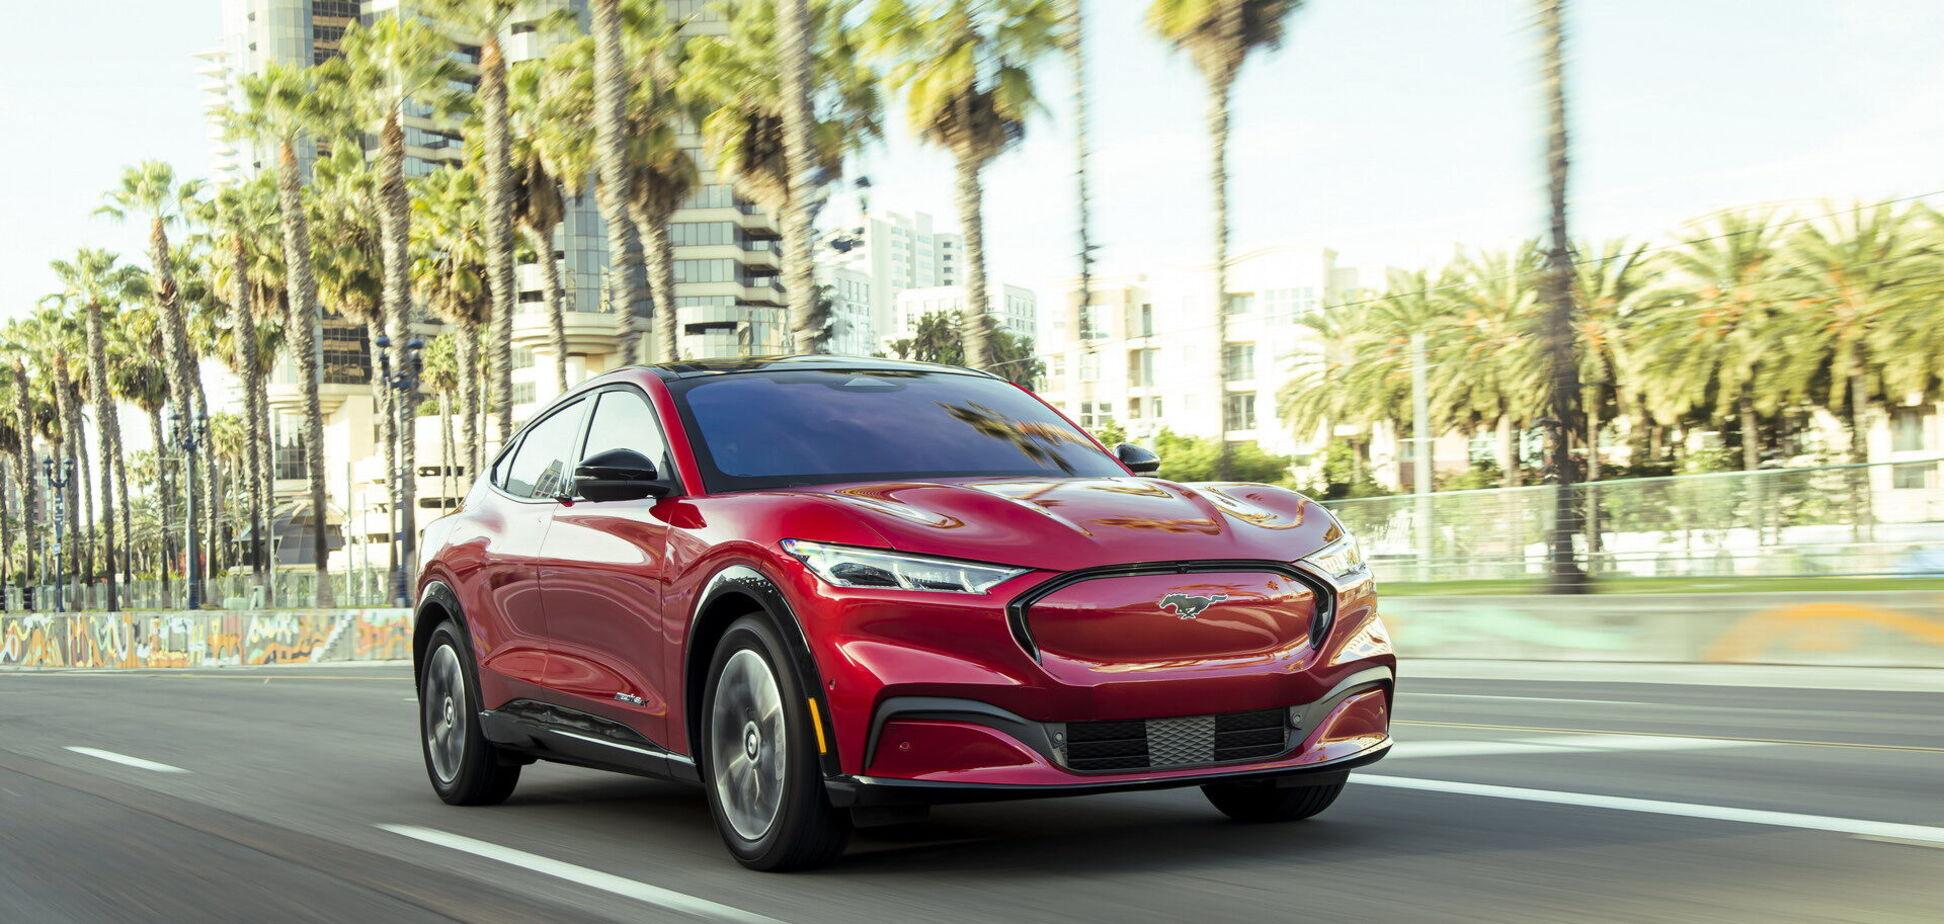 Ford зможе розширити лінійку електрокарів за рахунок Volkswagen